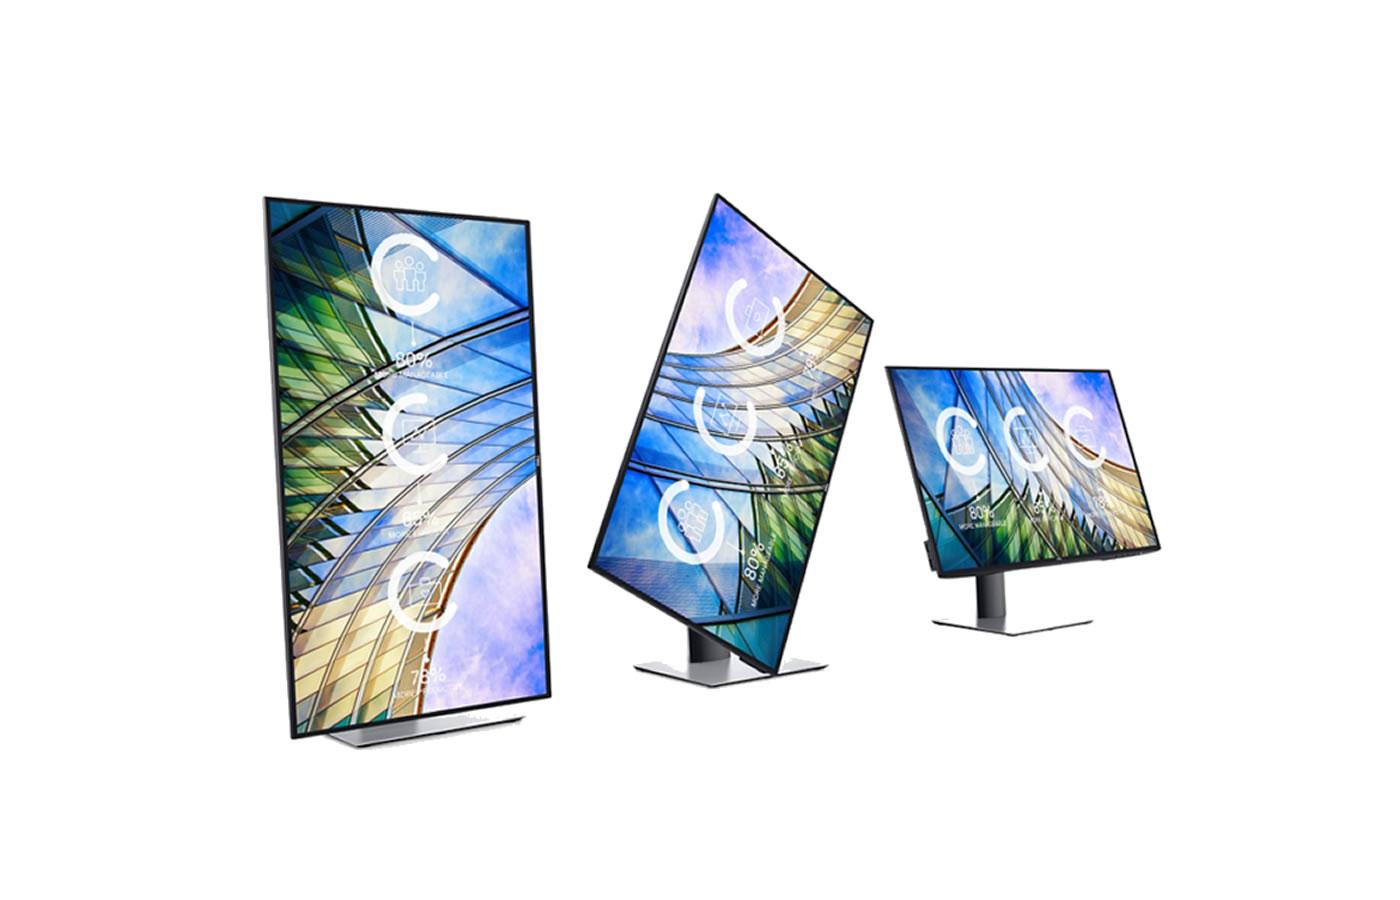 Dell UltraSharp 2018 Monitor